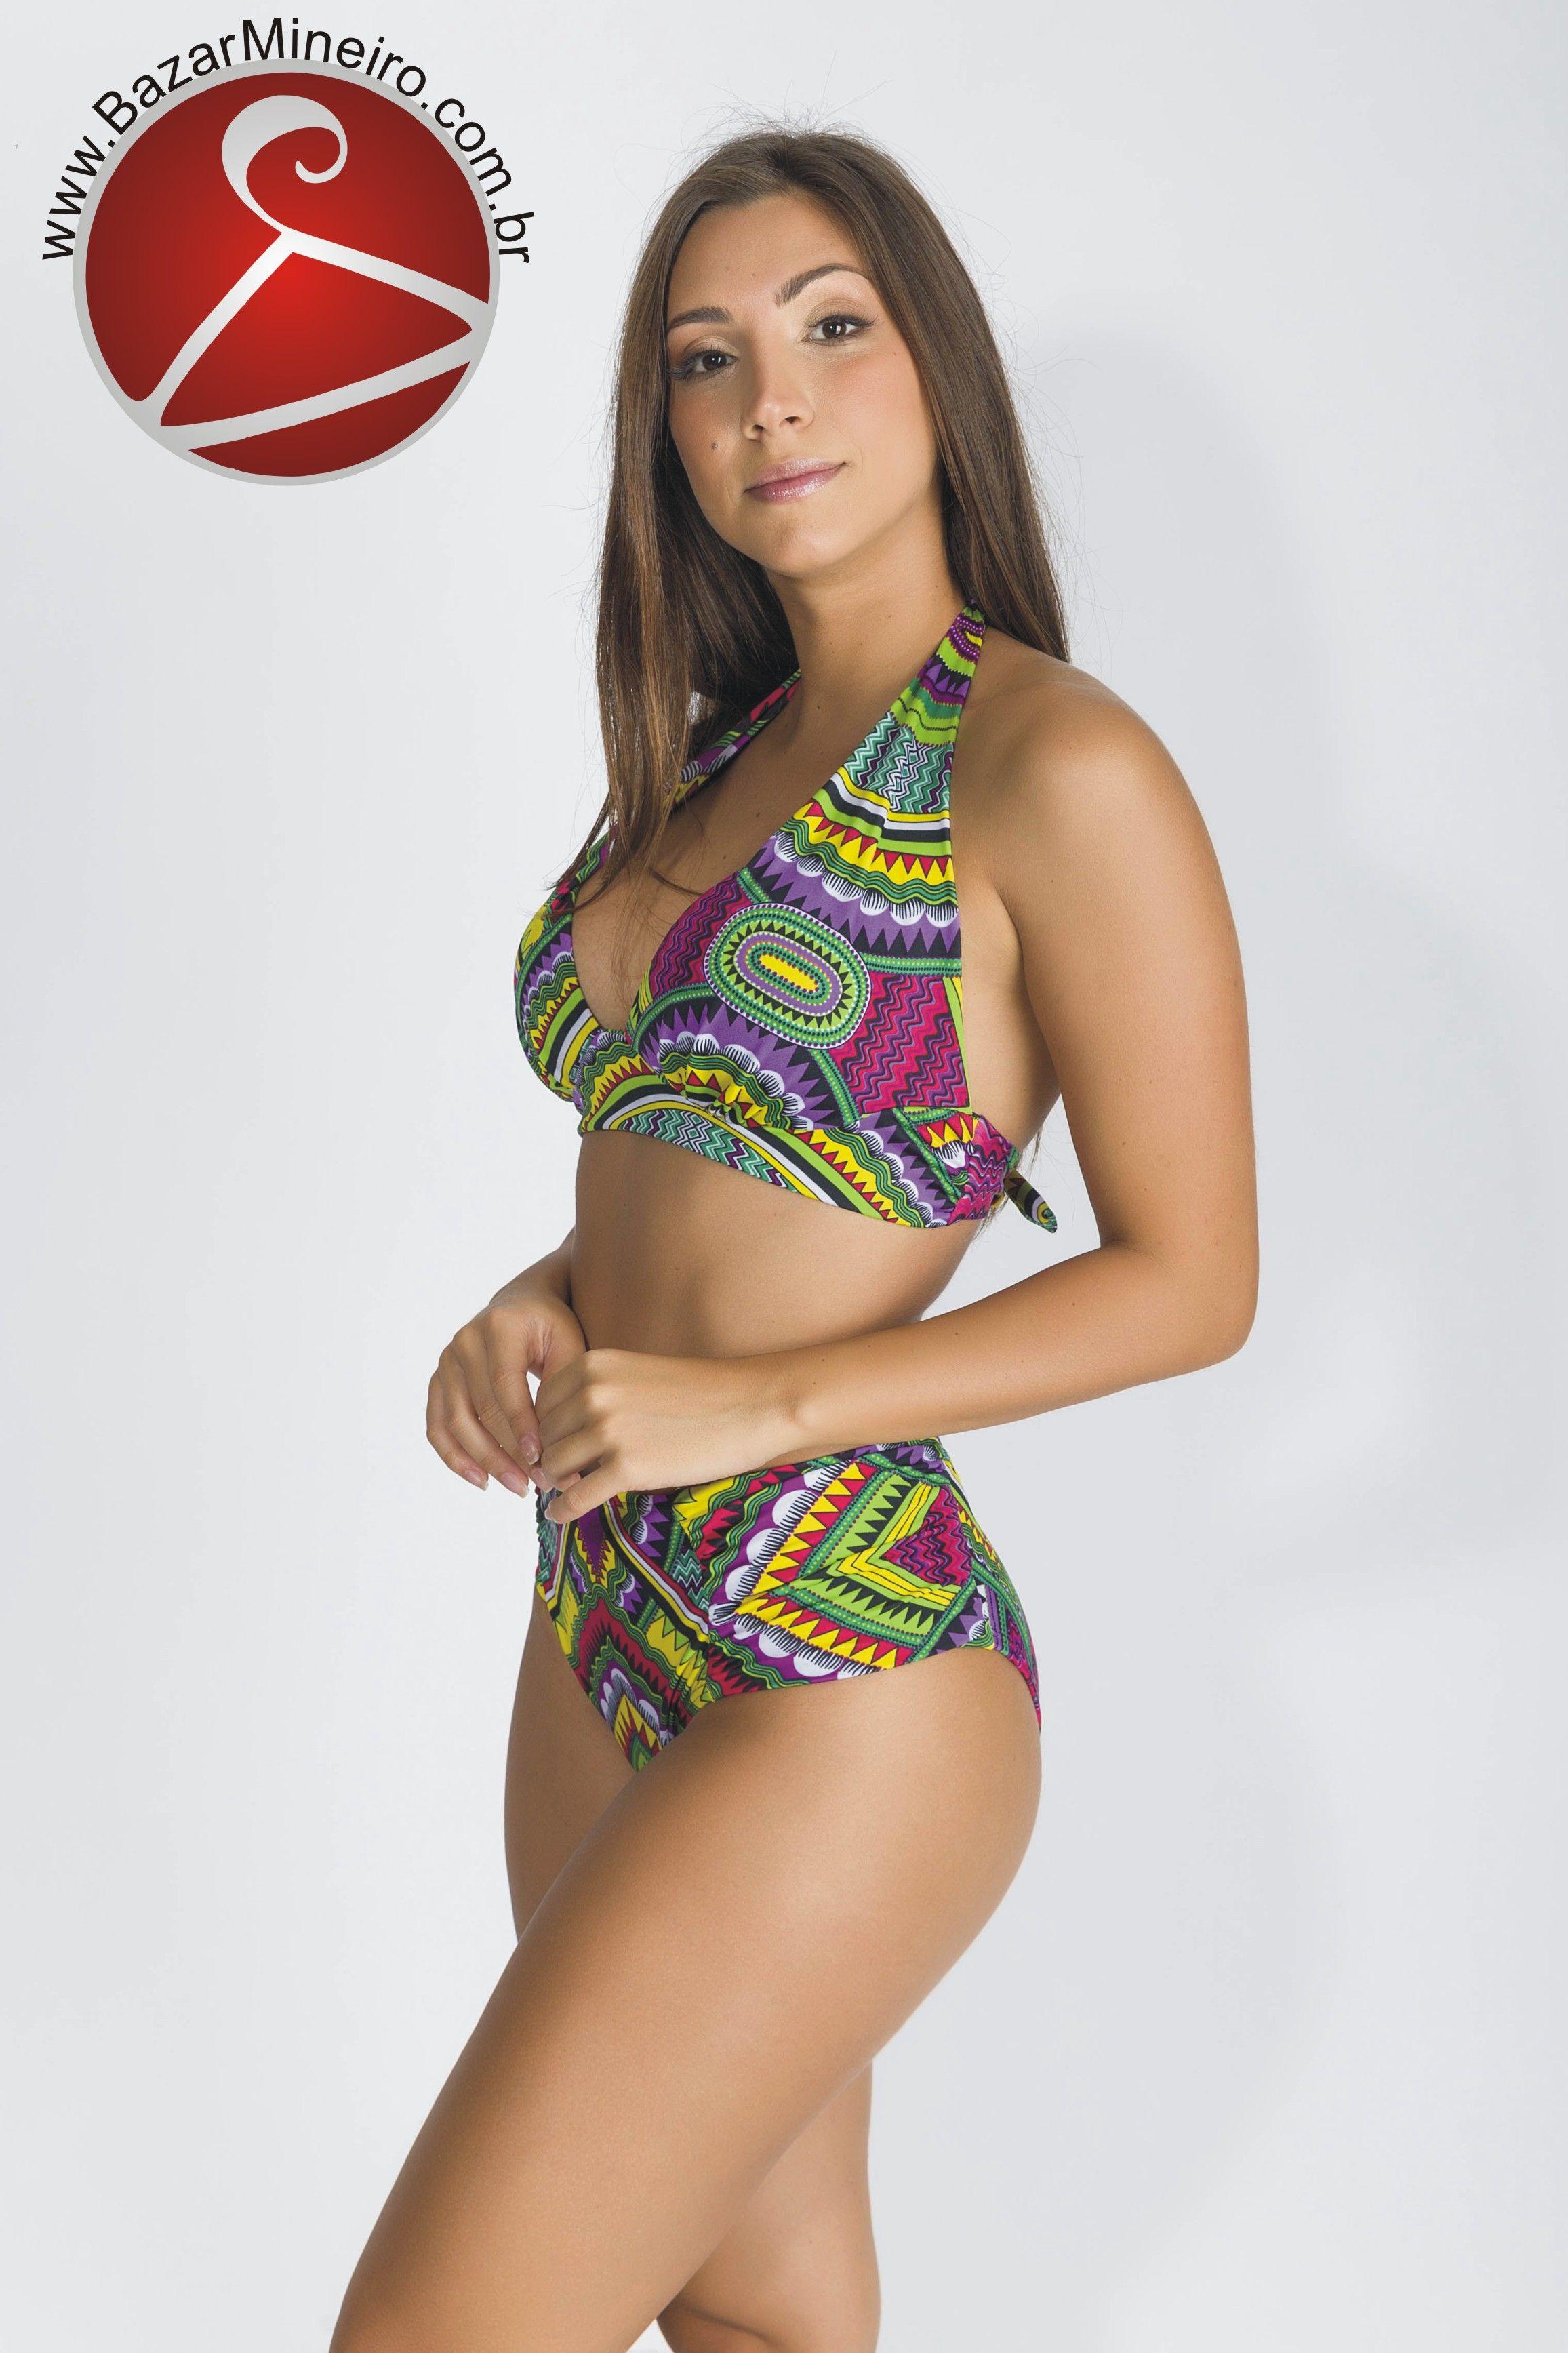 69780a7b0348 Biquíni Cortinão Plus Size - Mandala - Verão 2018 - Tecido com fio de Lycra®